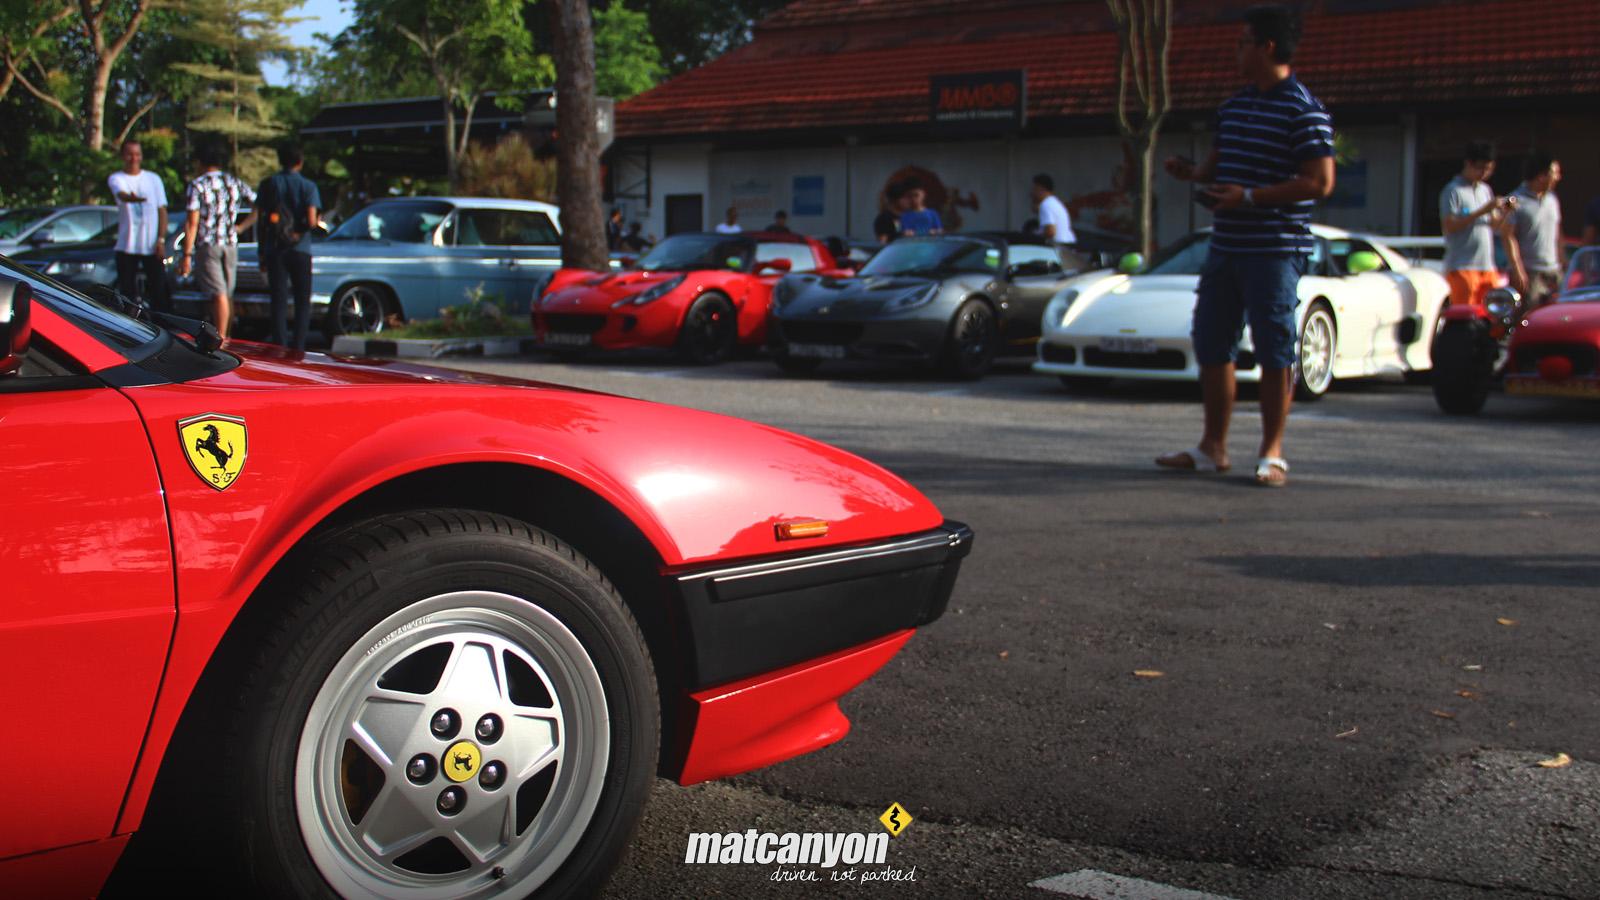 Mat Canyon: Cars And Kopi Singapore | Christmas Meet